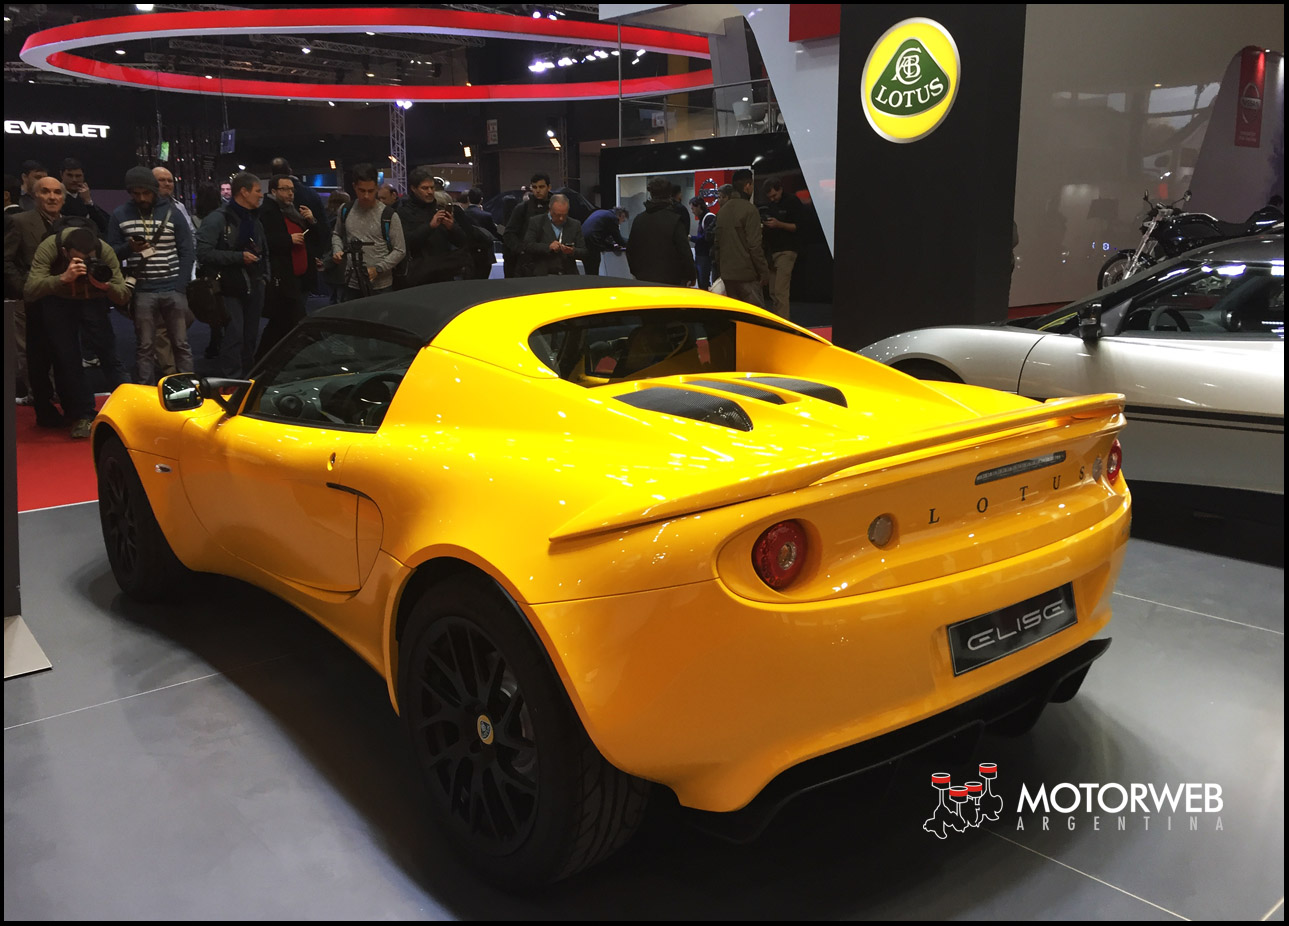 9cca418166c9 Salón de Buenos Aires 2017  Llega Lotus al país